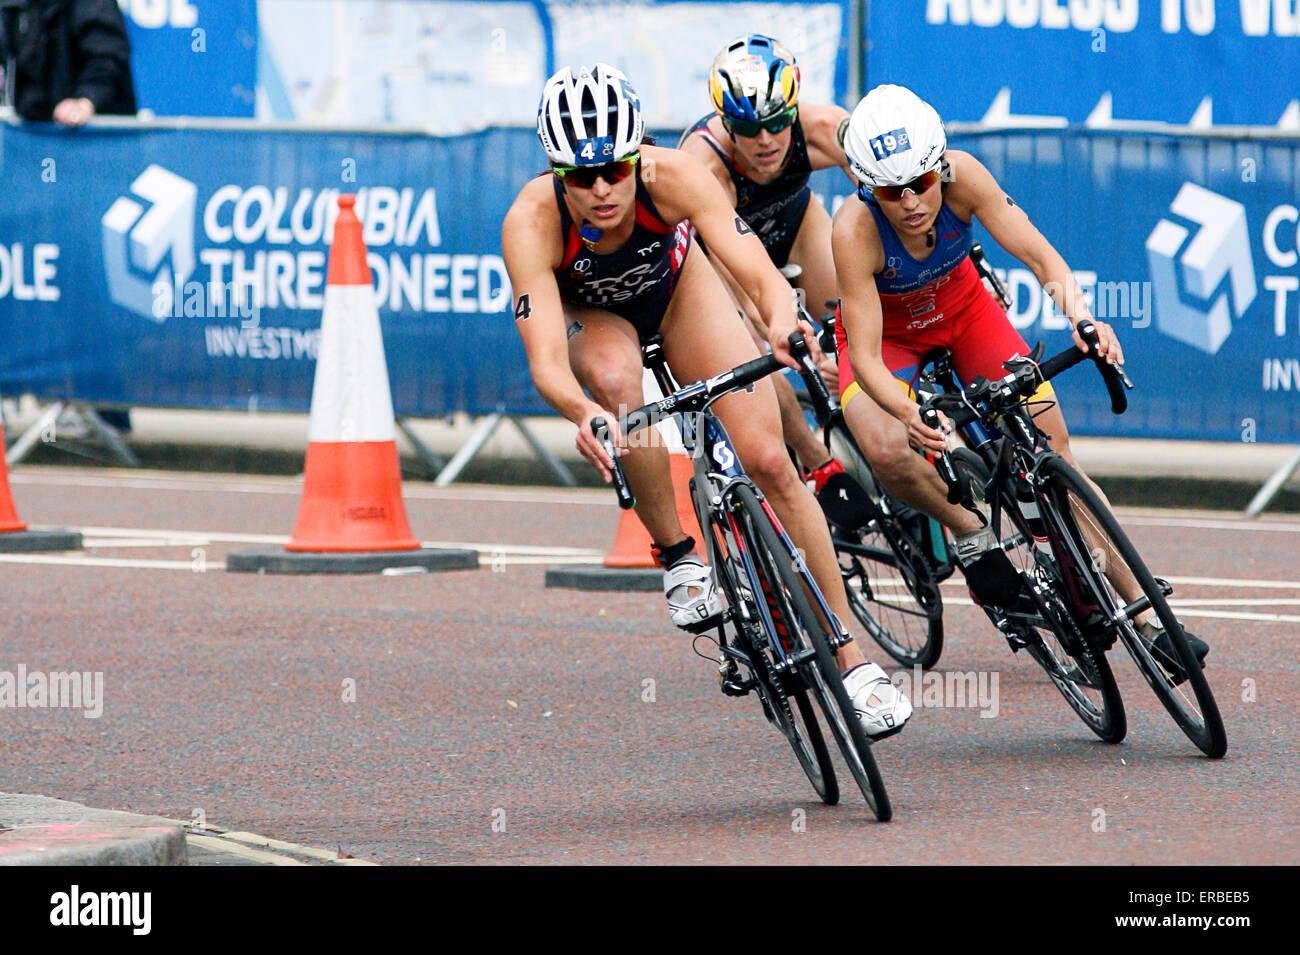 Londra, Regno Unito. 31 Maggio, 2015. Sarah vero (USA) nel ciclismo gamba durante la vitalità del mondo London Immagini Stock